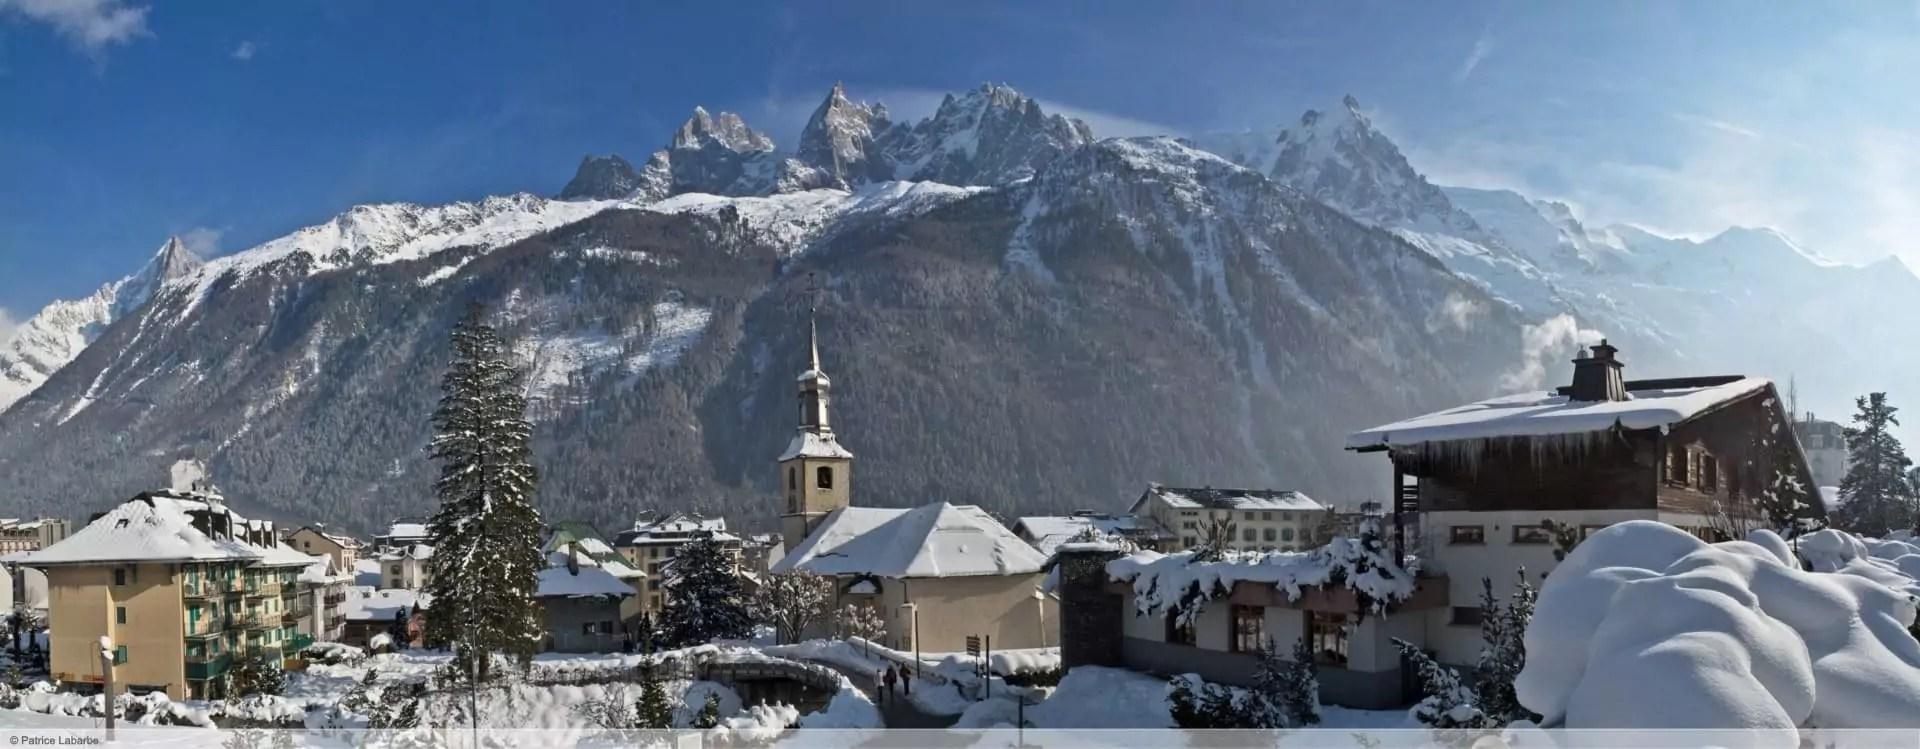 wintersport en aanbiedingen in Chamonix